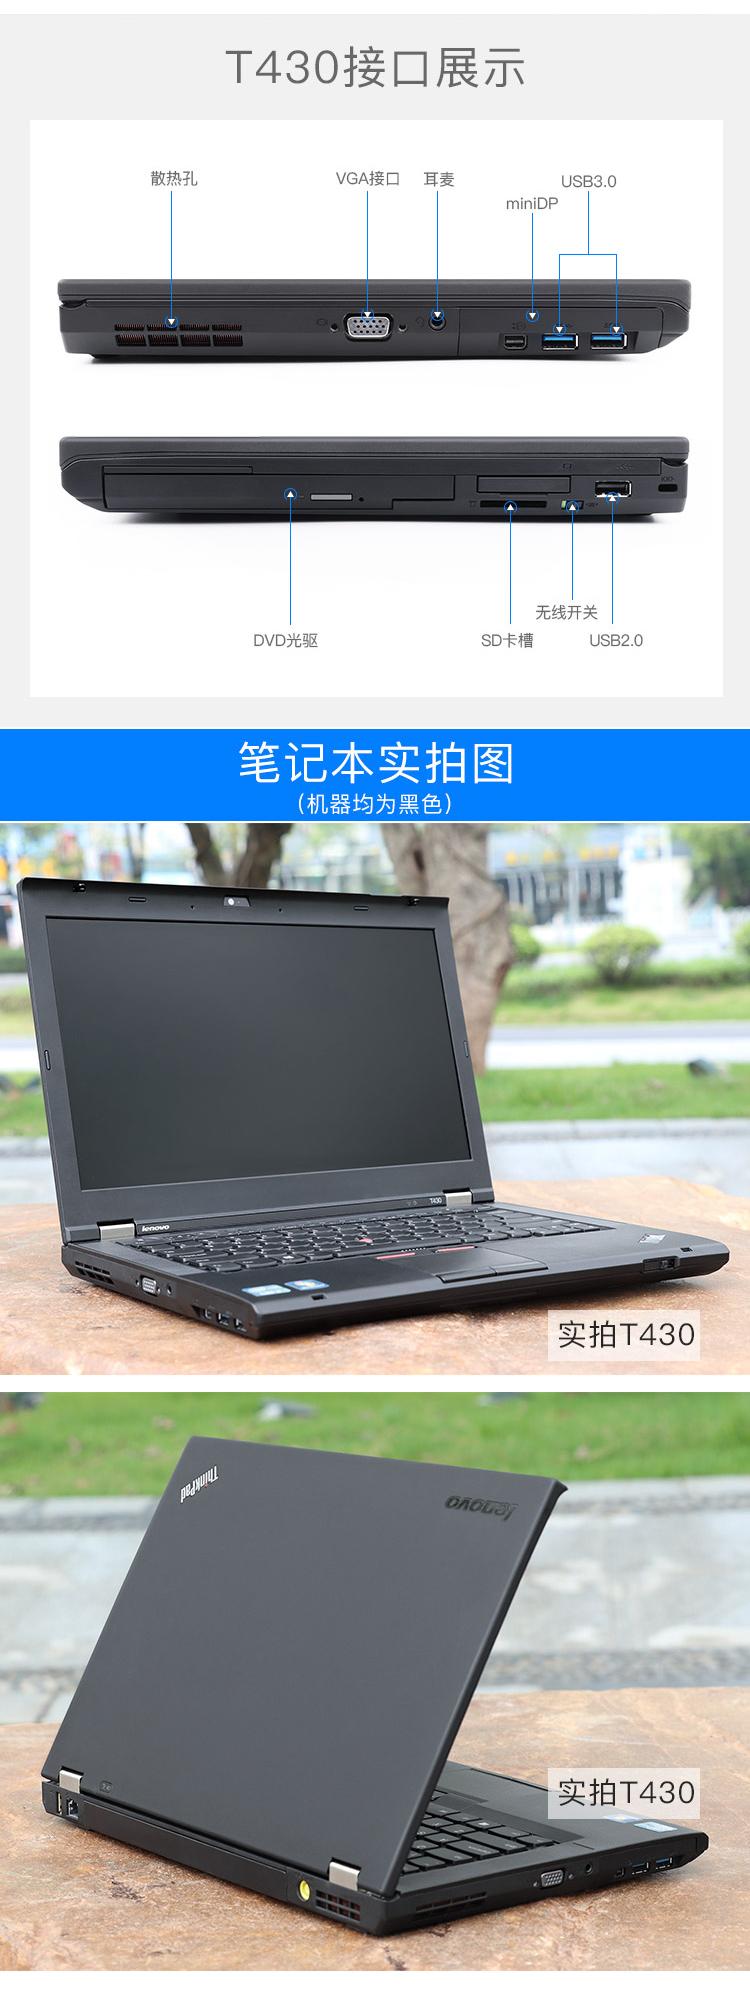 联想ThinKPad T430 14英寸 商务笔记本